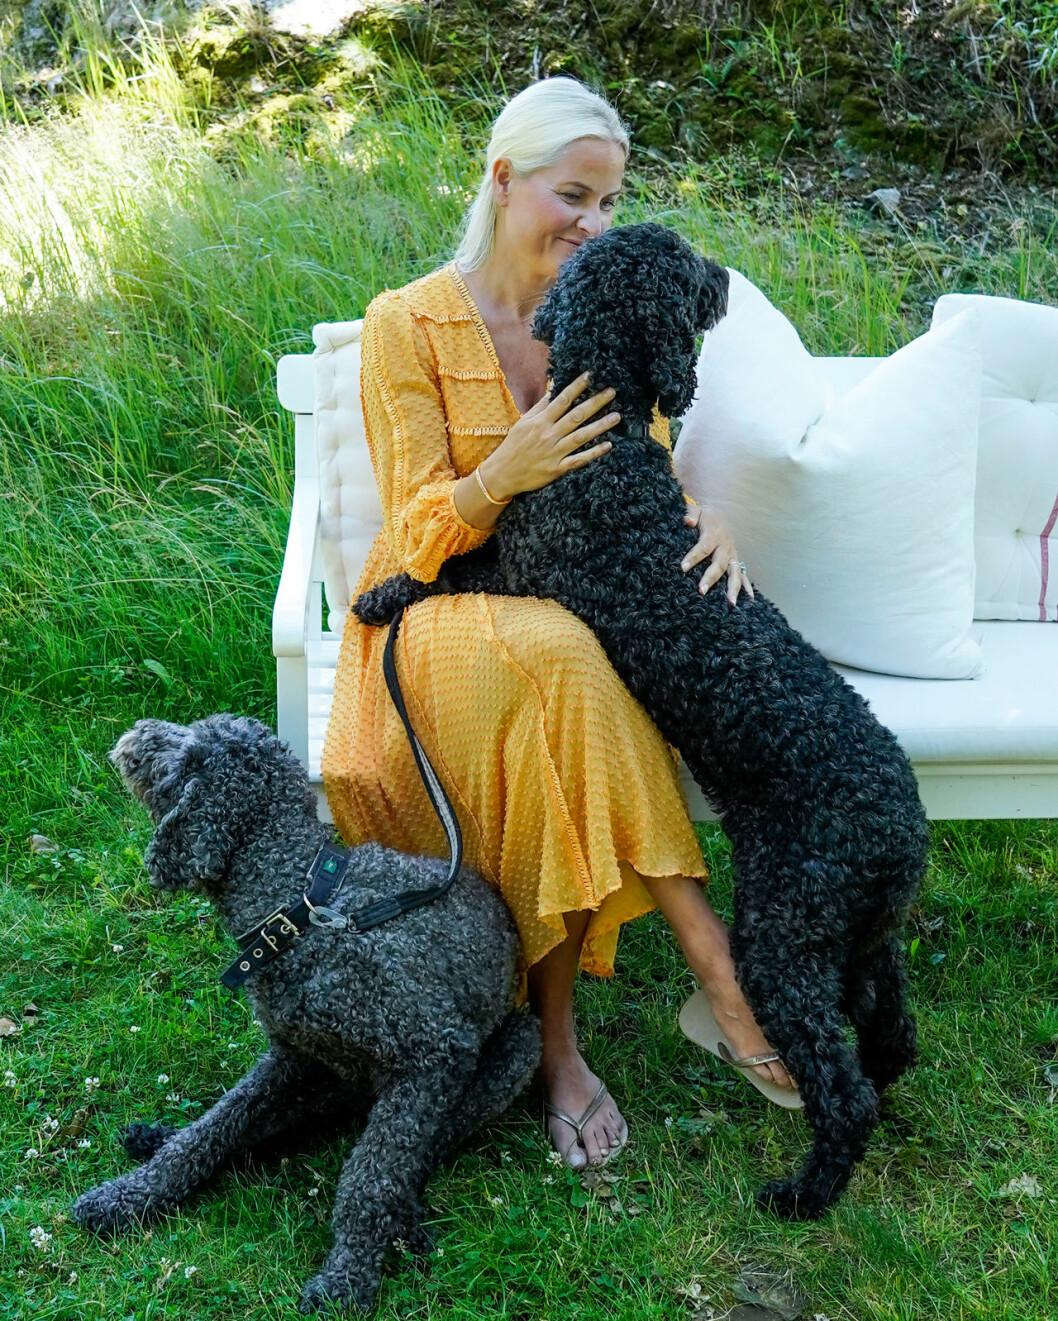 Mette-Marit med hundarna Muffins Kråkbolle och Milly Kakao